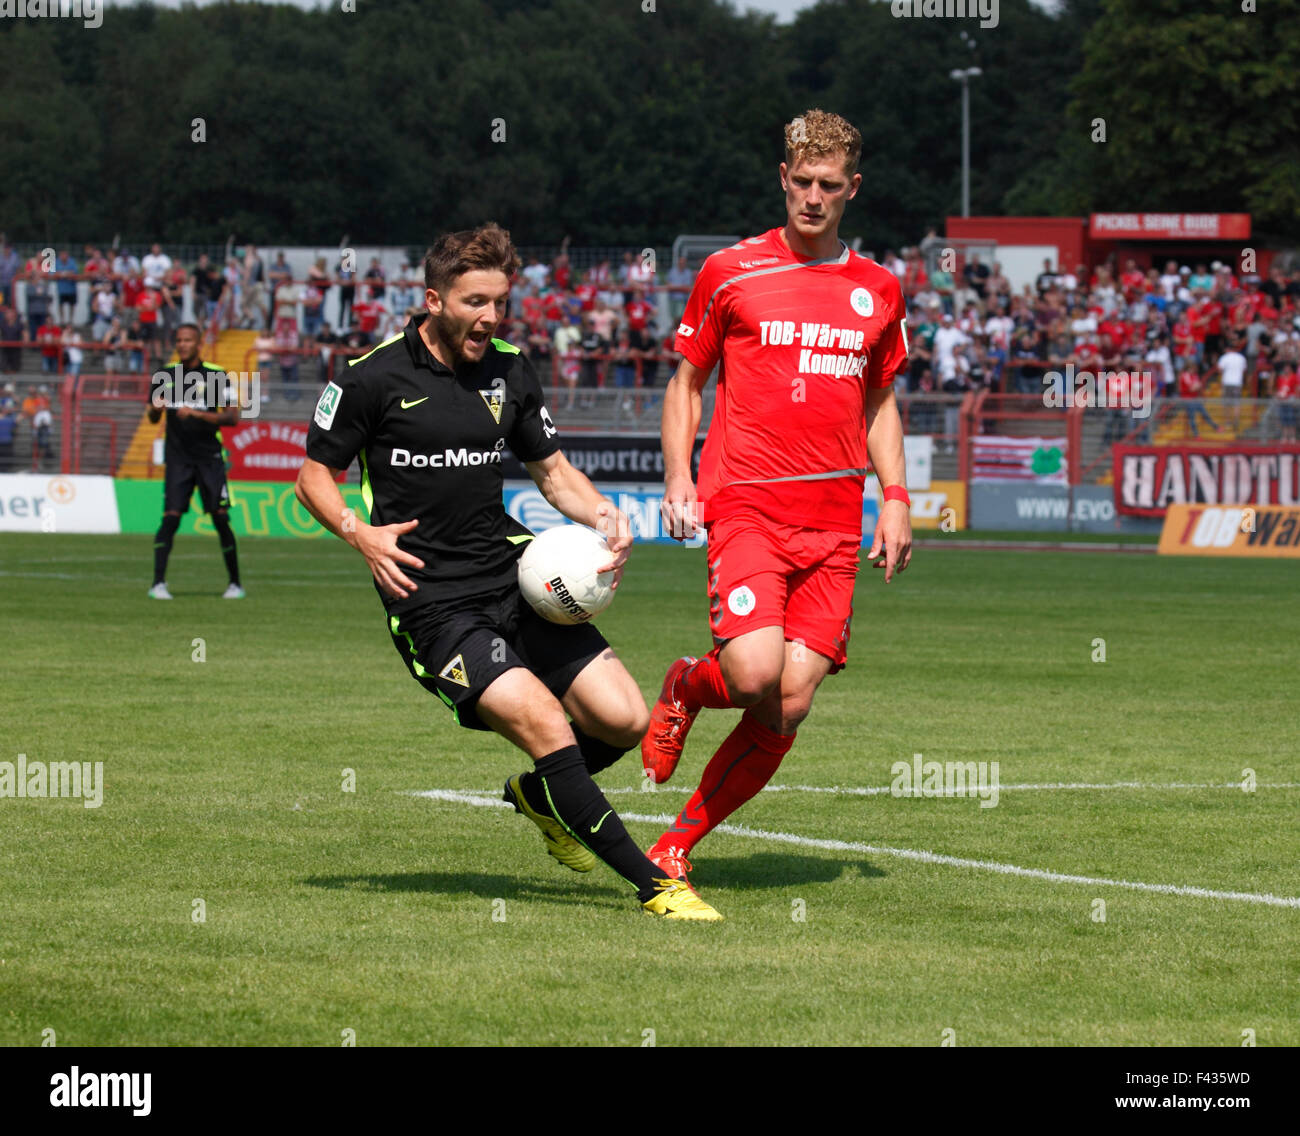 sports, football, Regional League West, 2015/2016, Rot Weiss Oberhausen versus Alemannia Aachen 1:4, Stadium Niederrhein - Stock Image